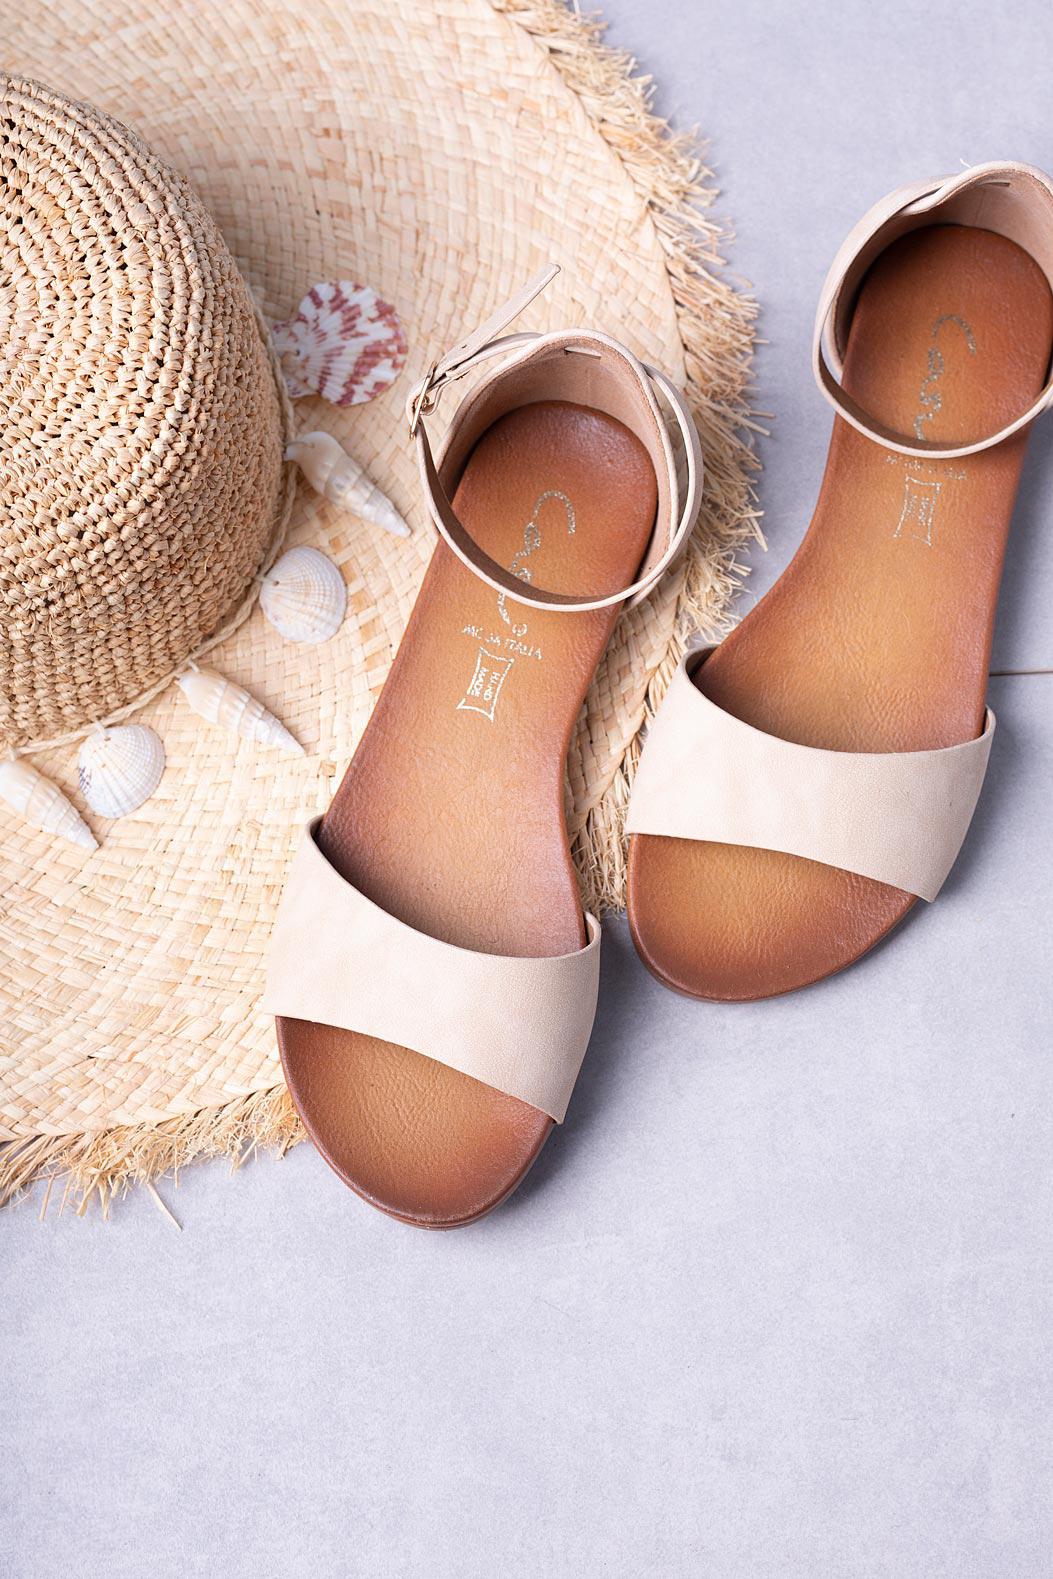 Beżowe sandały płaskie z zakrytą piętą i paskiem wokół kostki Casu K19X16/BE